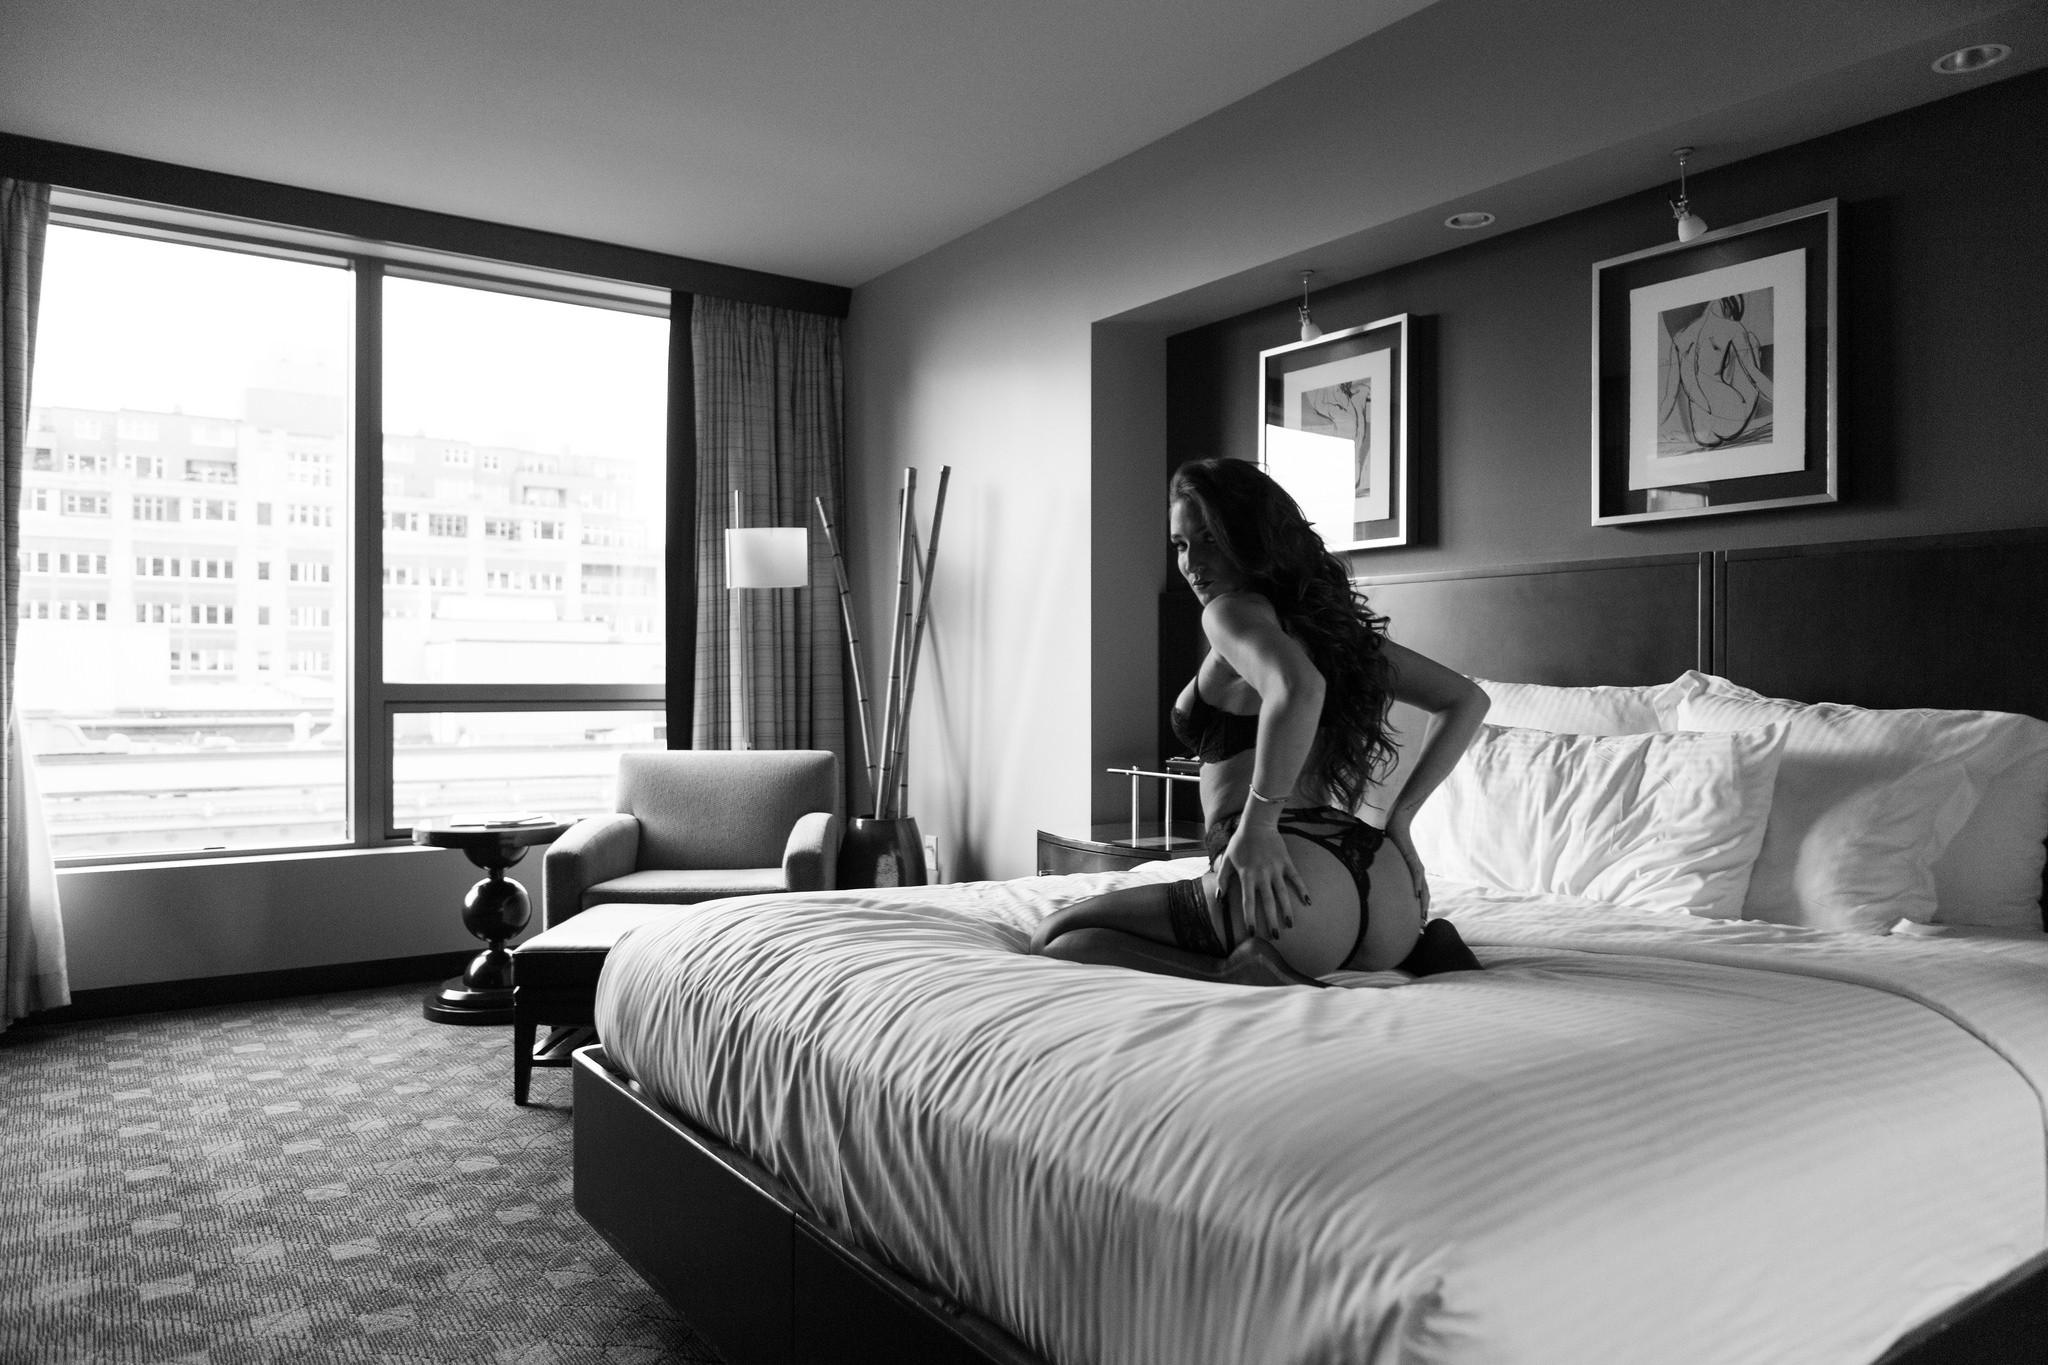 Camera Da Letto Bianco E Nero : Sfondi : bianca donne monocromo finestra culo guardando